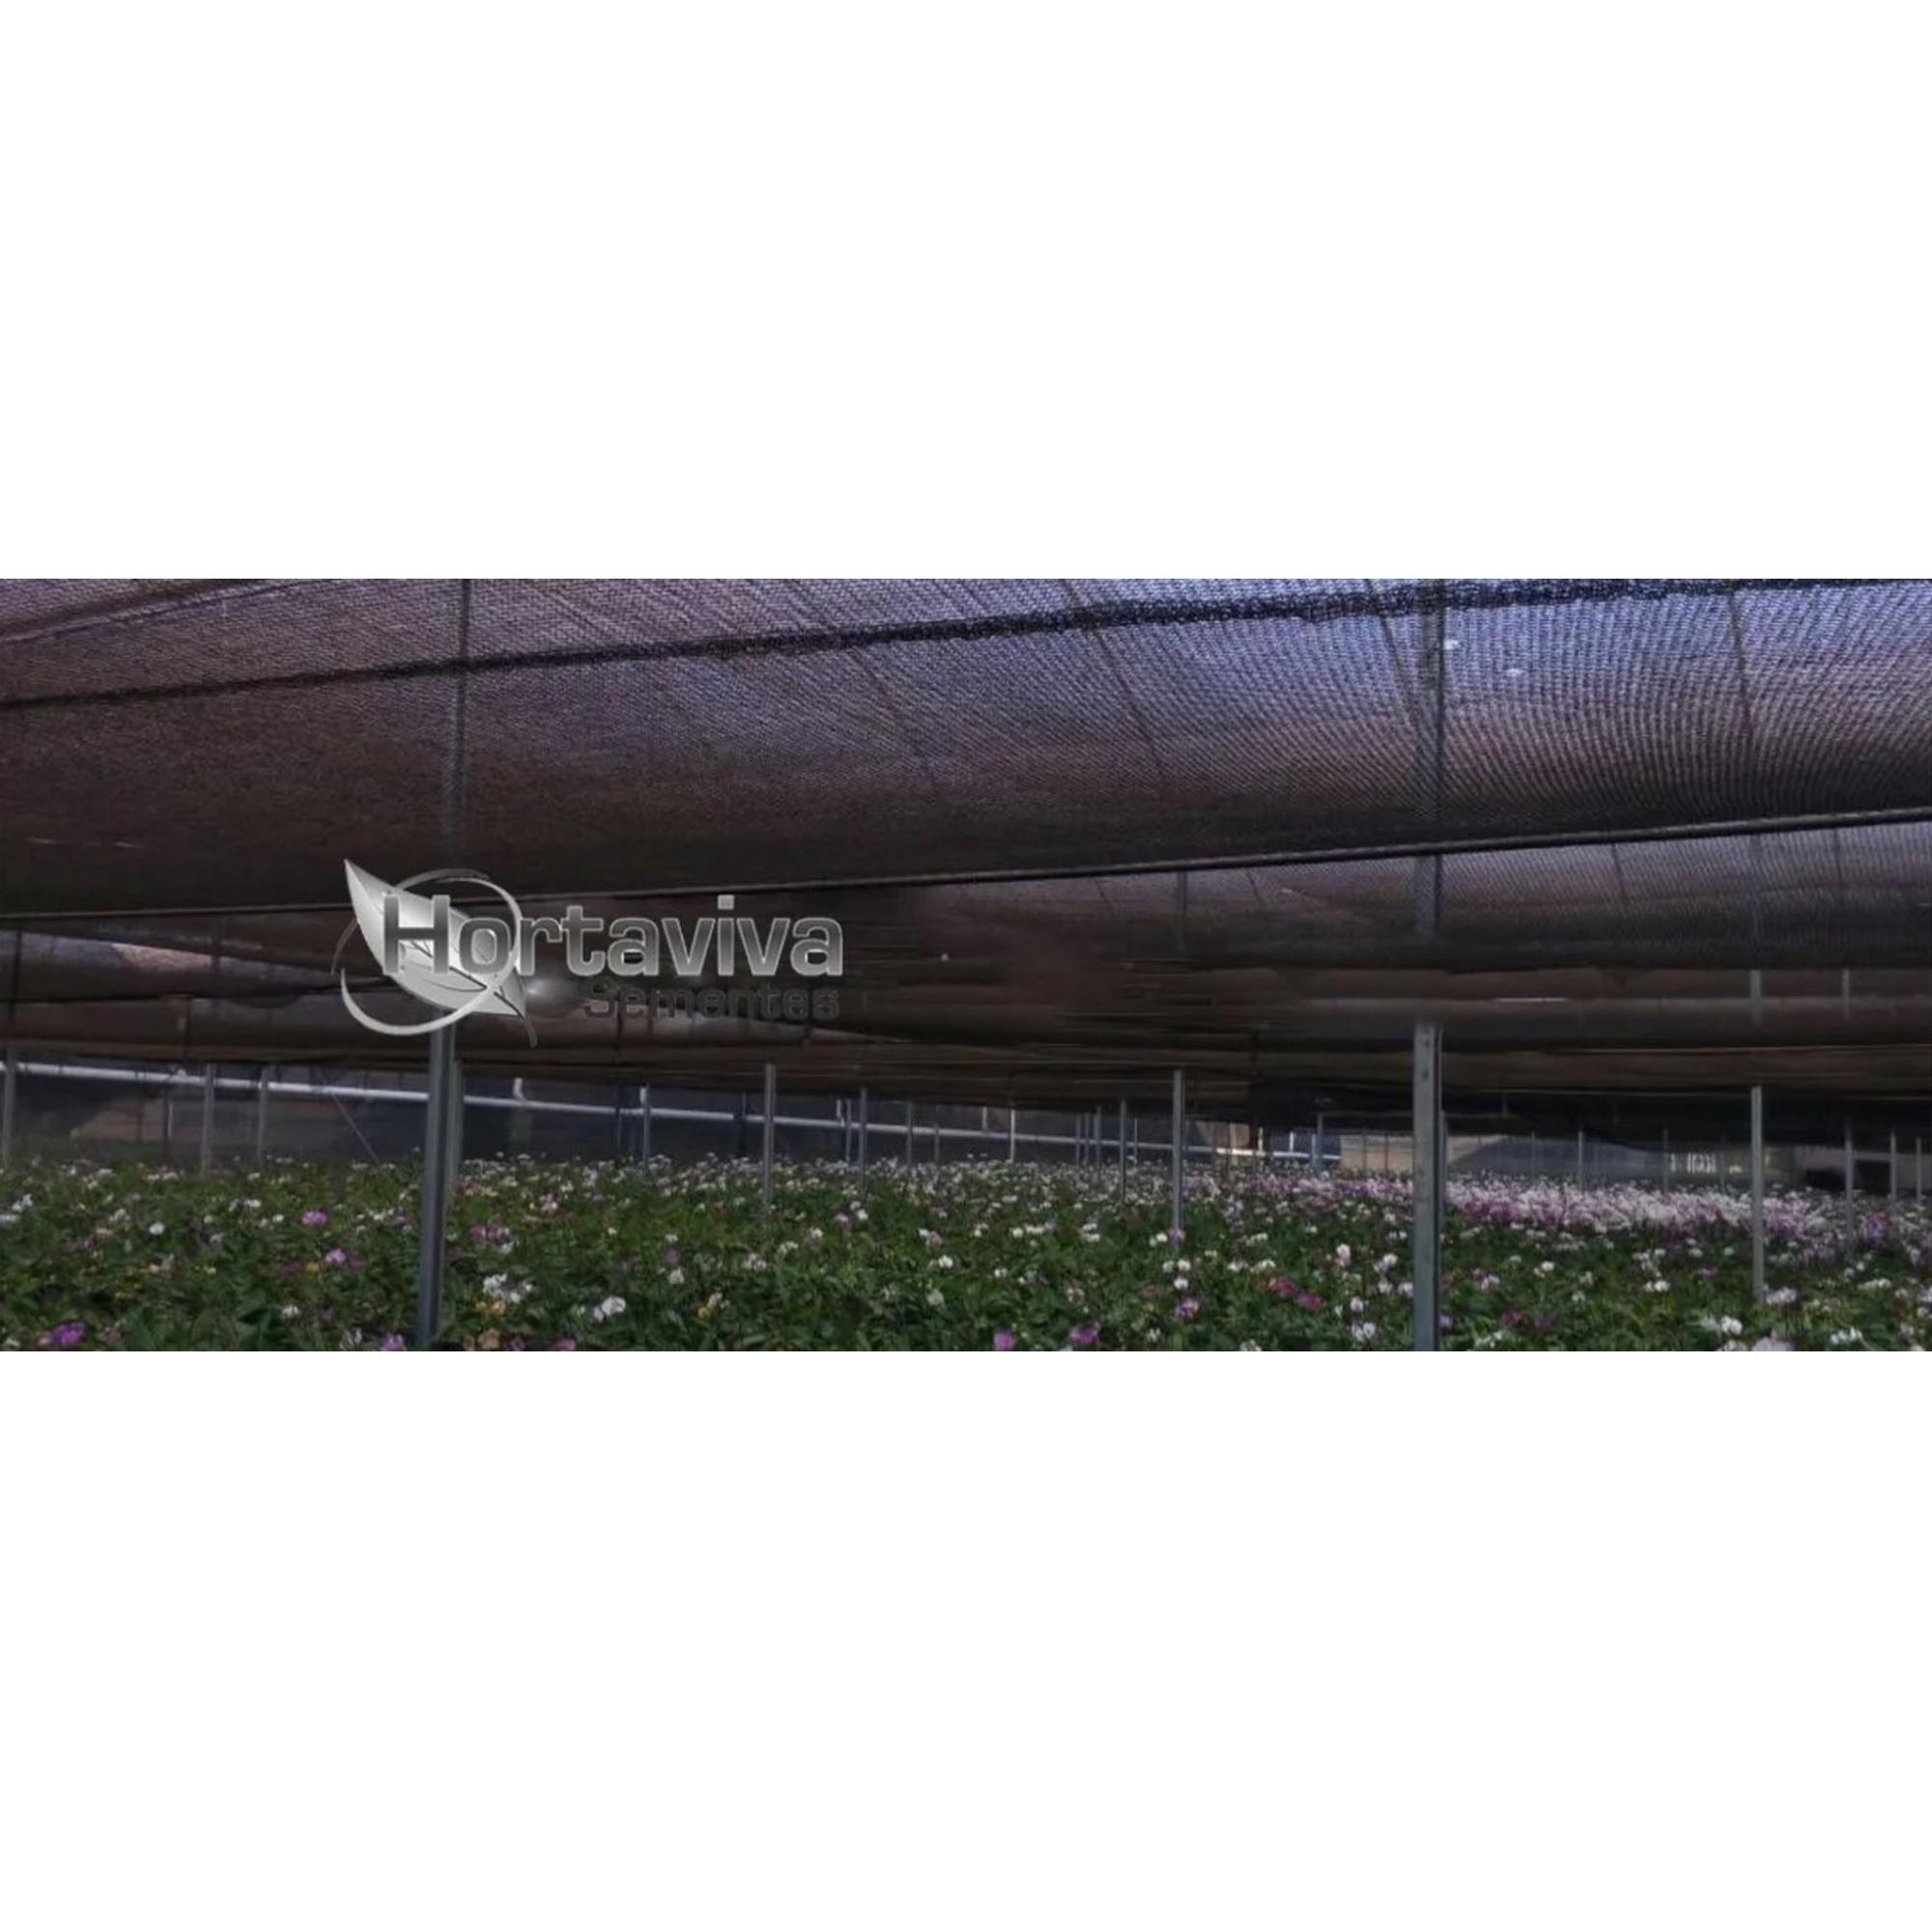 Tela de Sombreamento Preta 50% - 3 Metros x 15 Metros